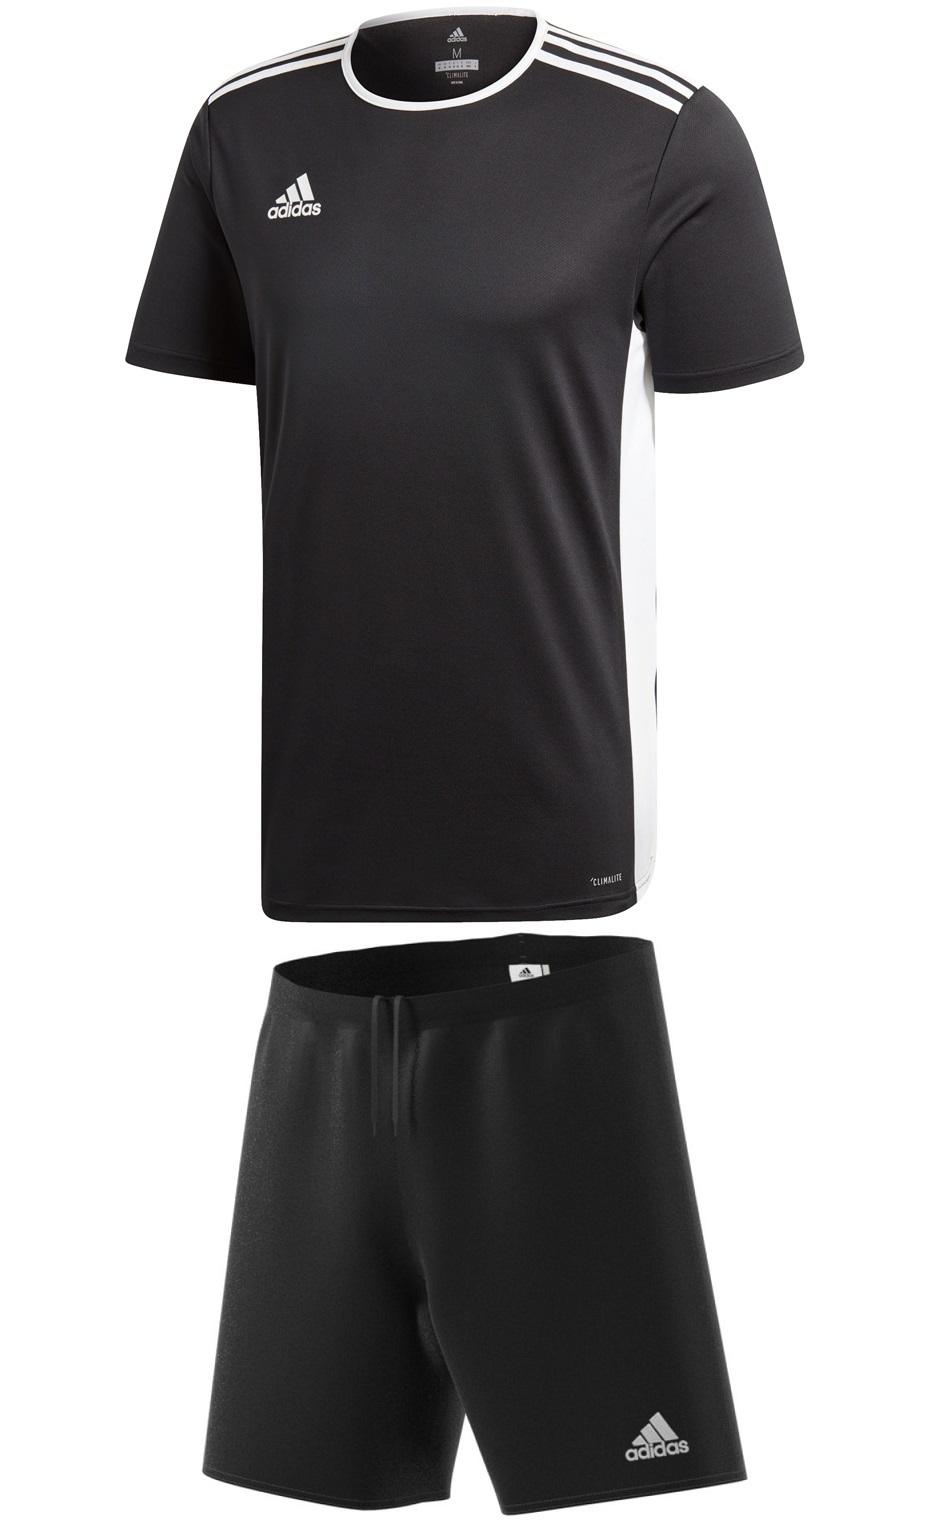 Adidas komplet piłkarski XXL męski strój sportowy